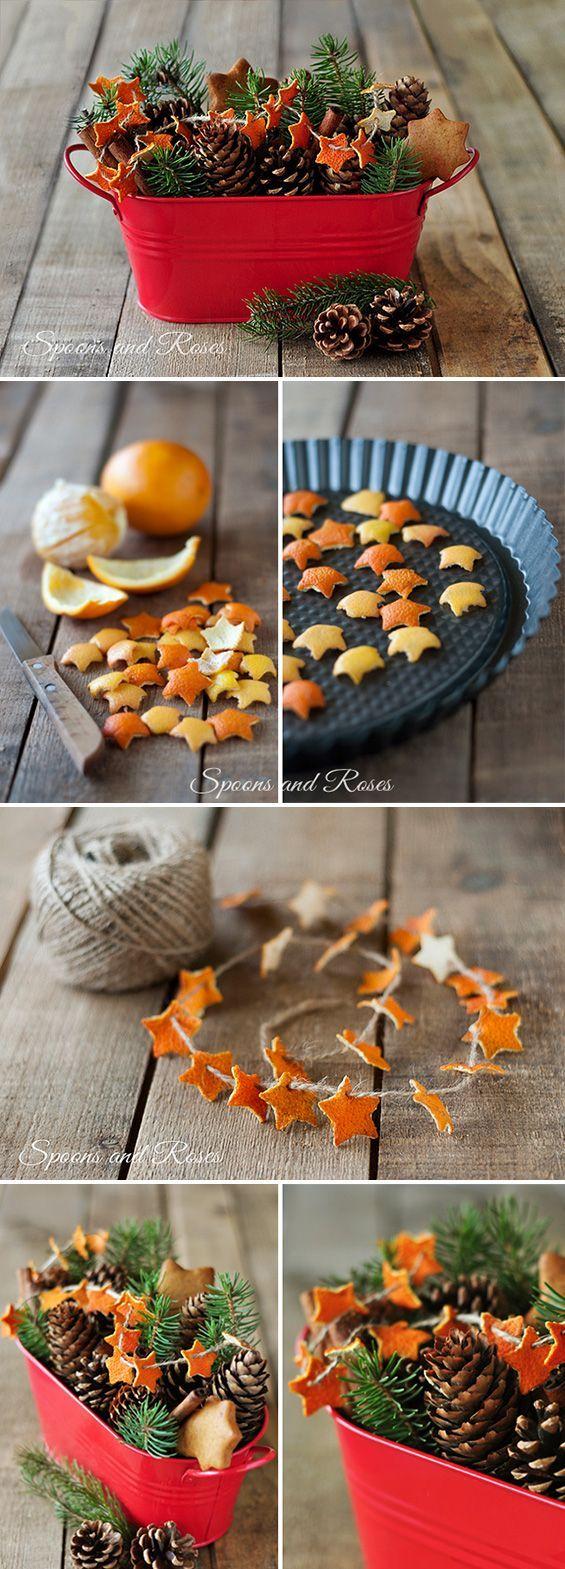 Couronne de Noël avec orange séché